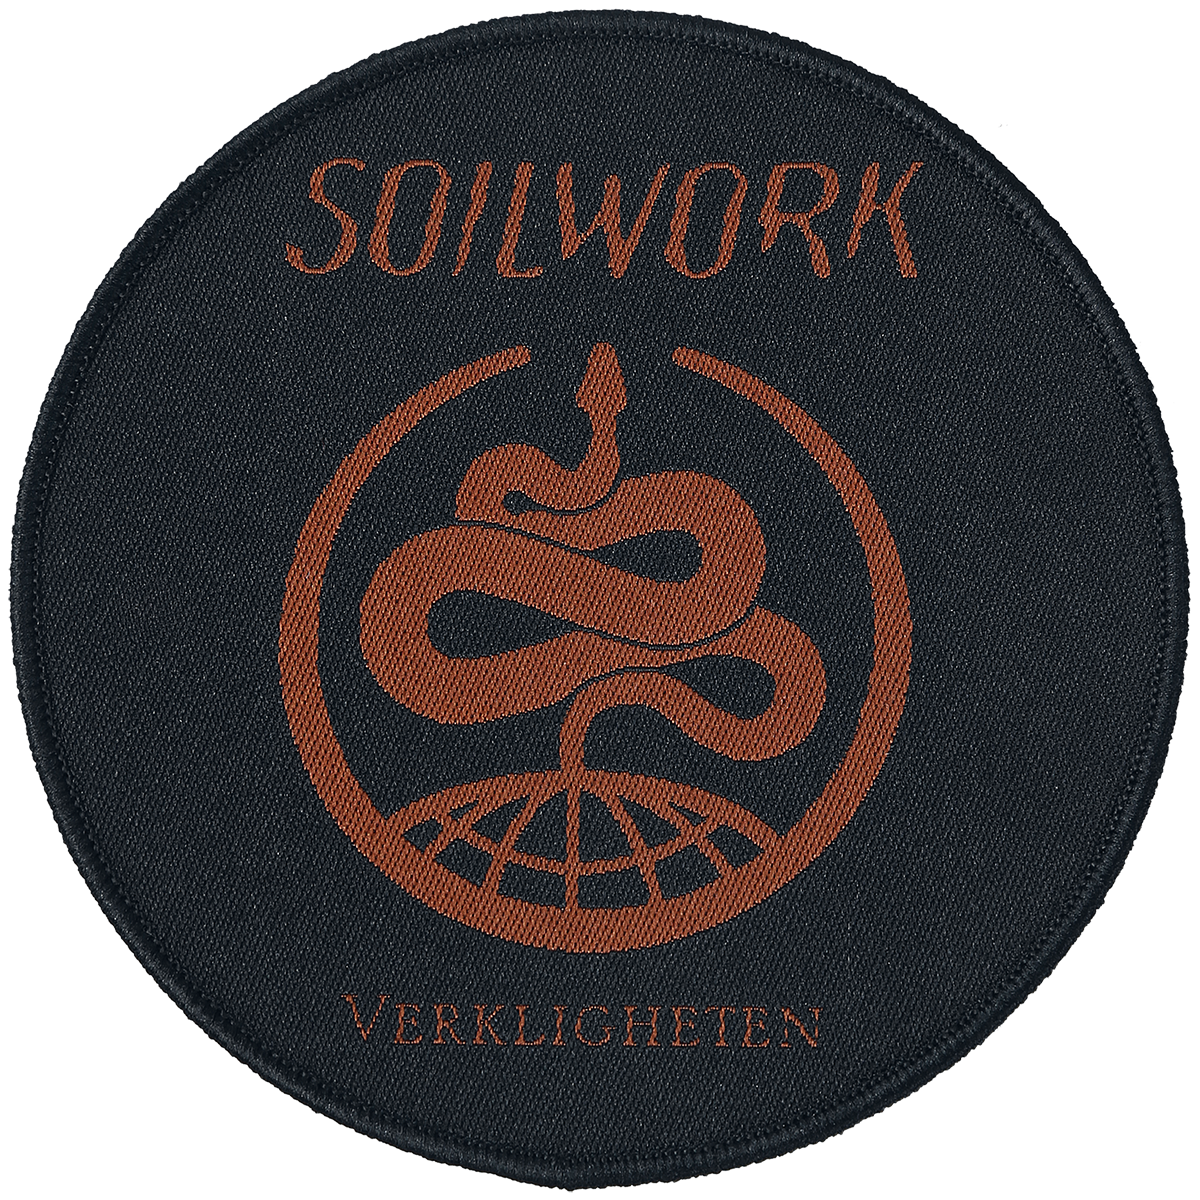 Image of Soilwork Verkligheten CD & Patch Standard